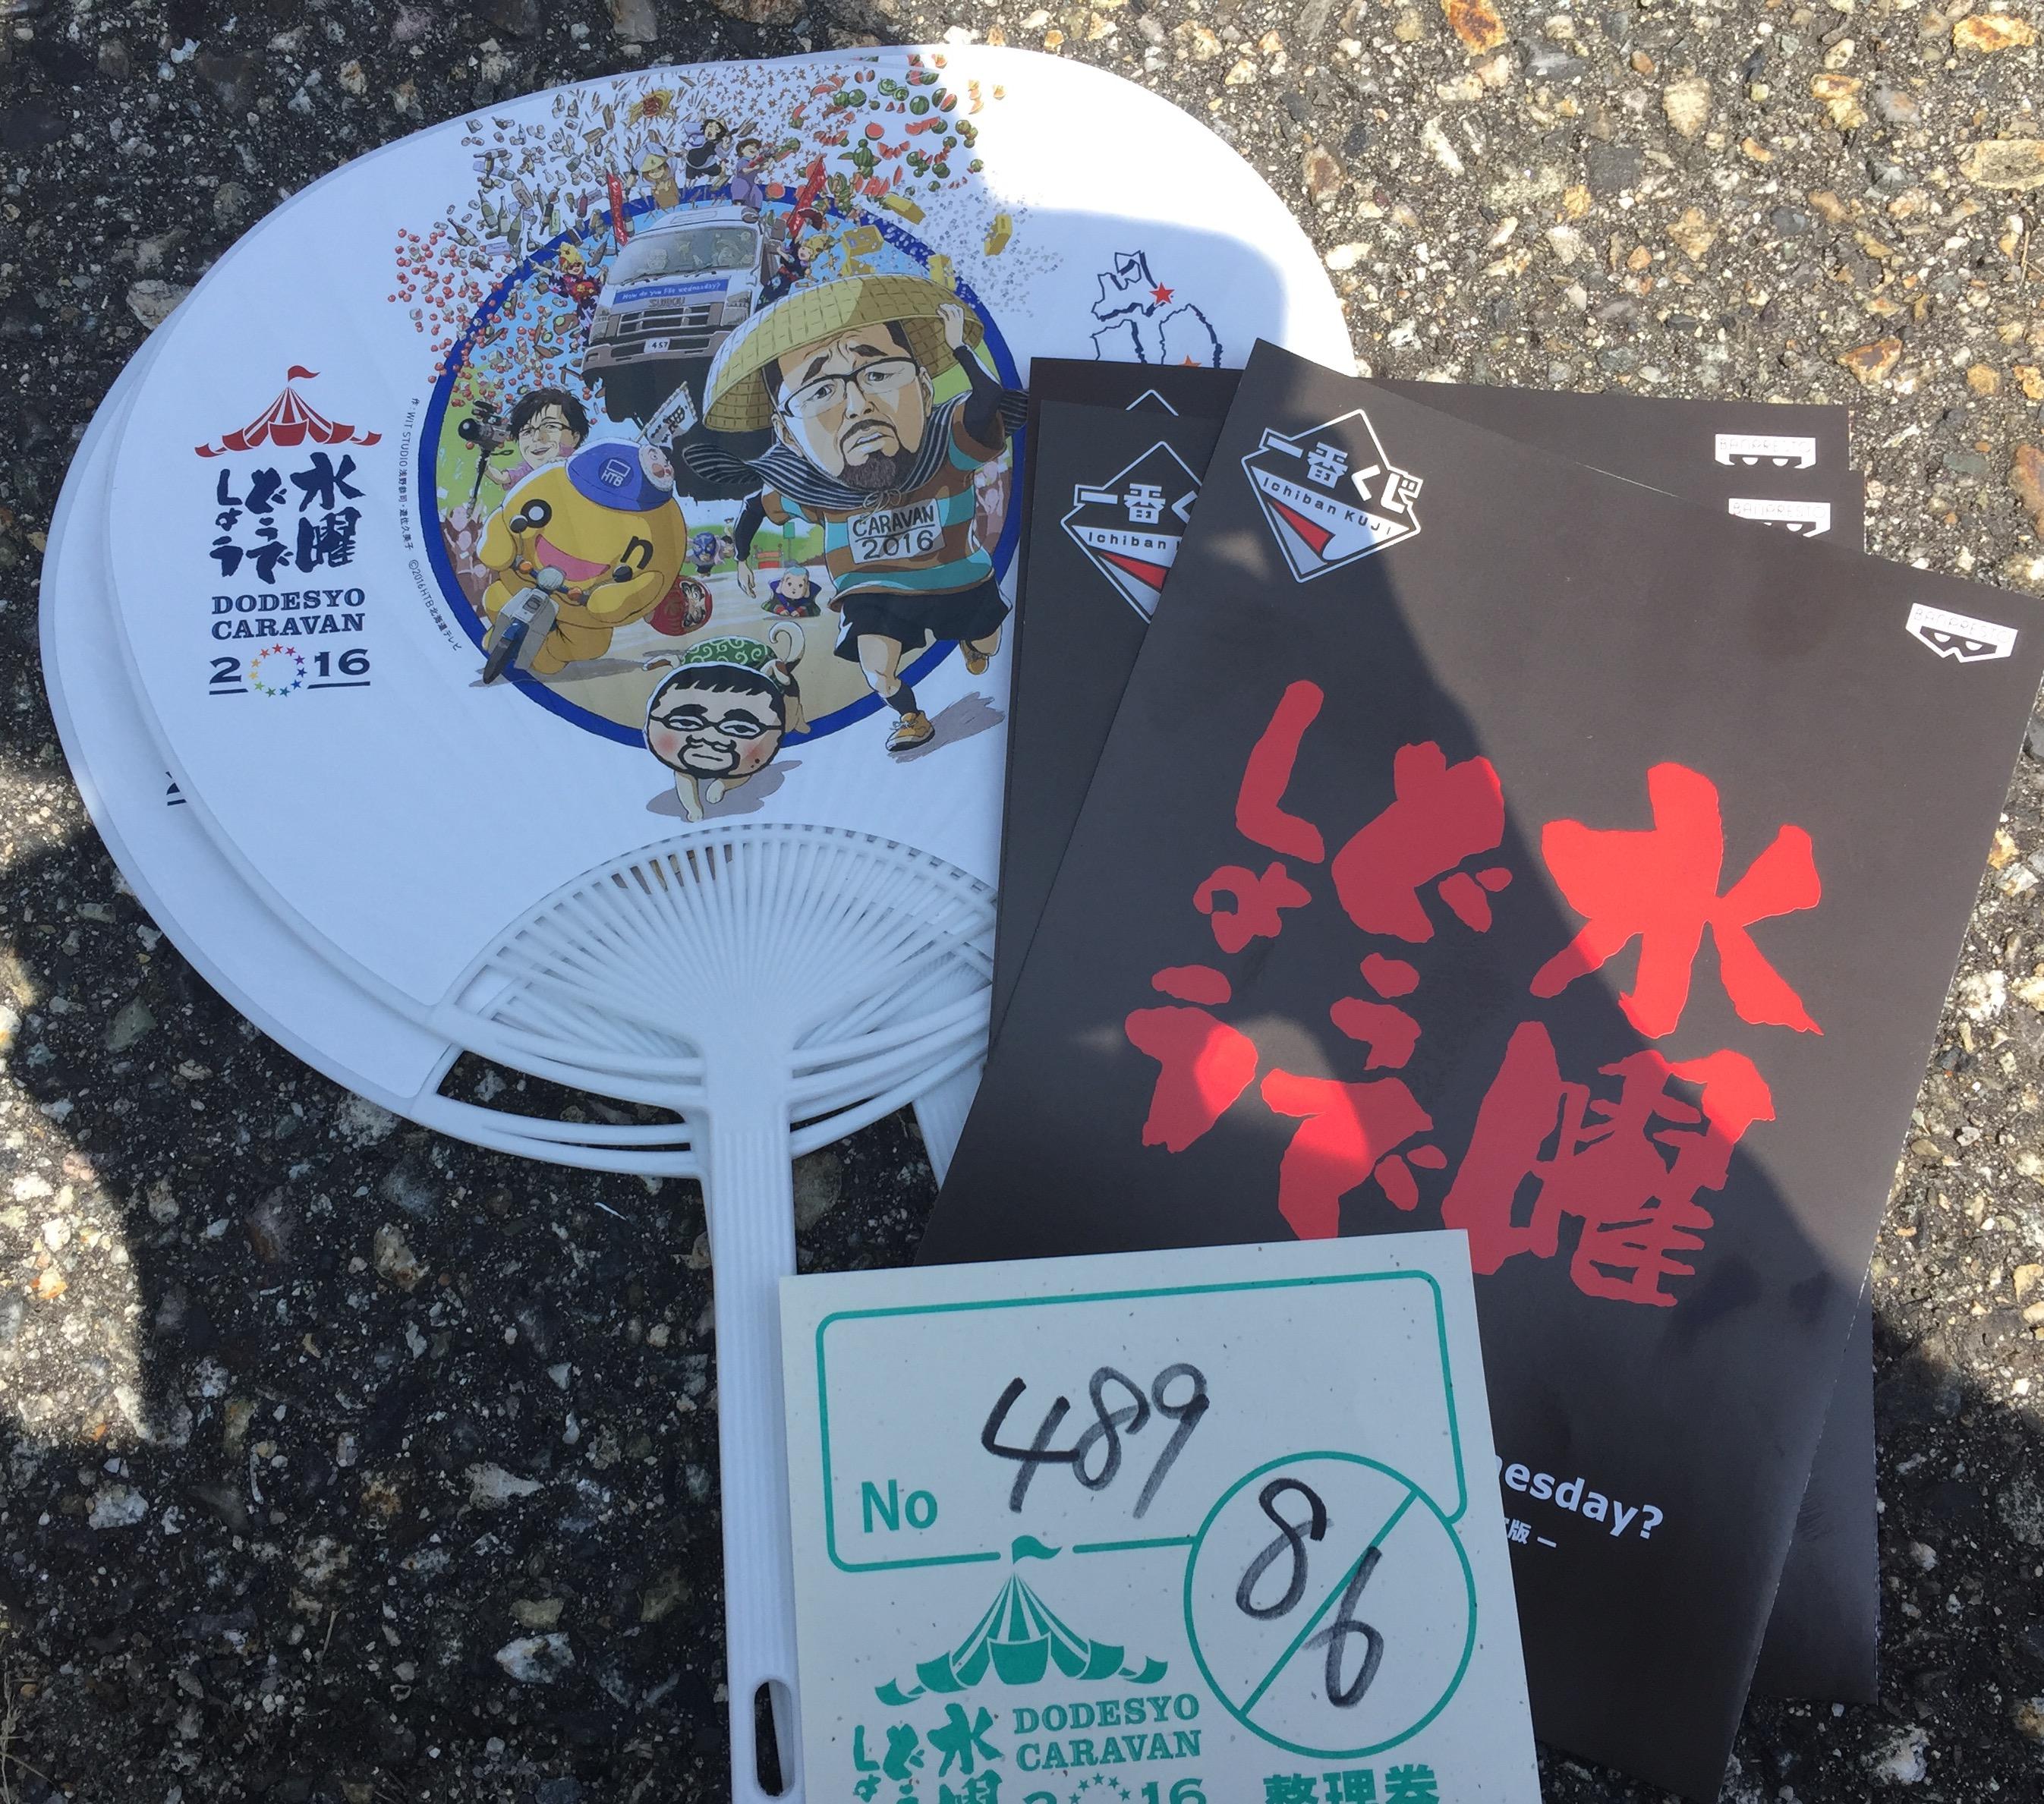 水曜どうでしょうキャラバン2016 in 新潟県村上市が開催!